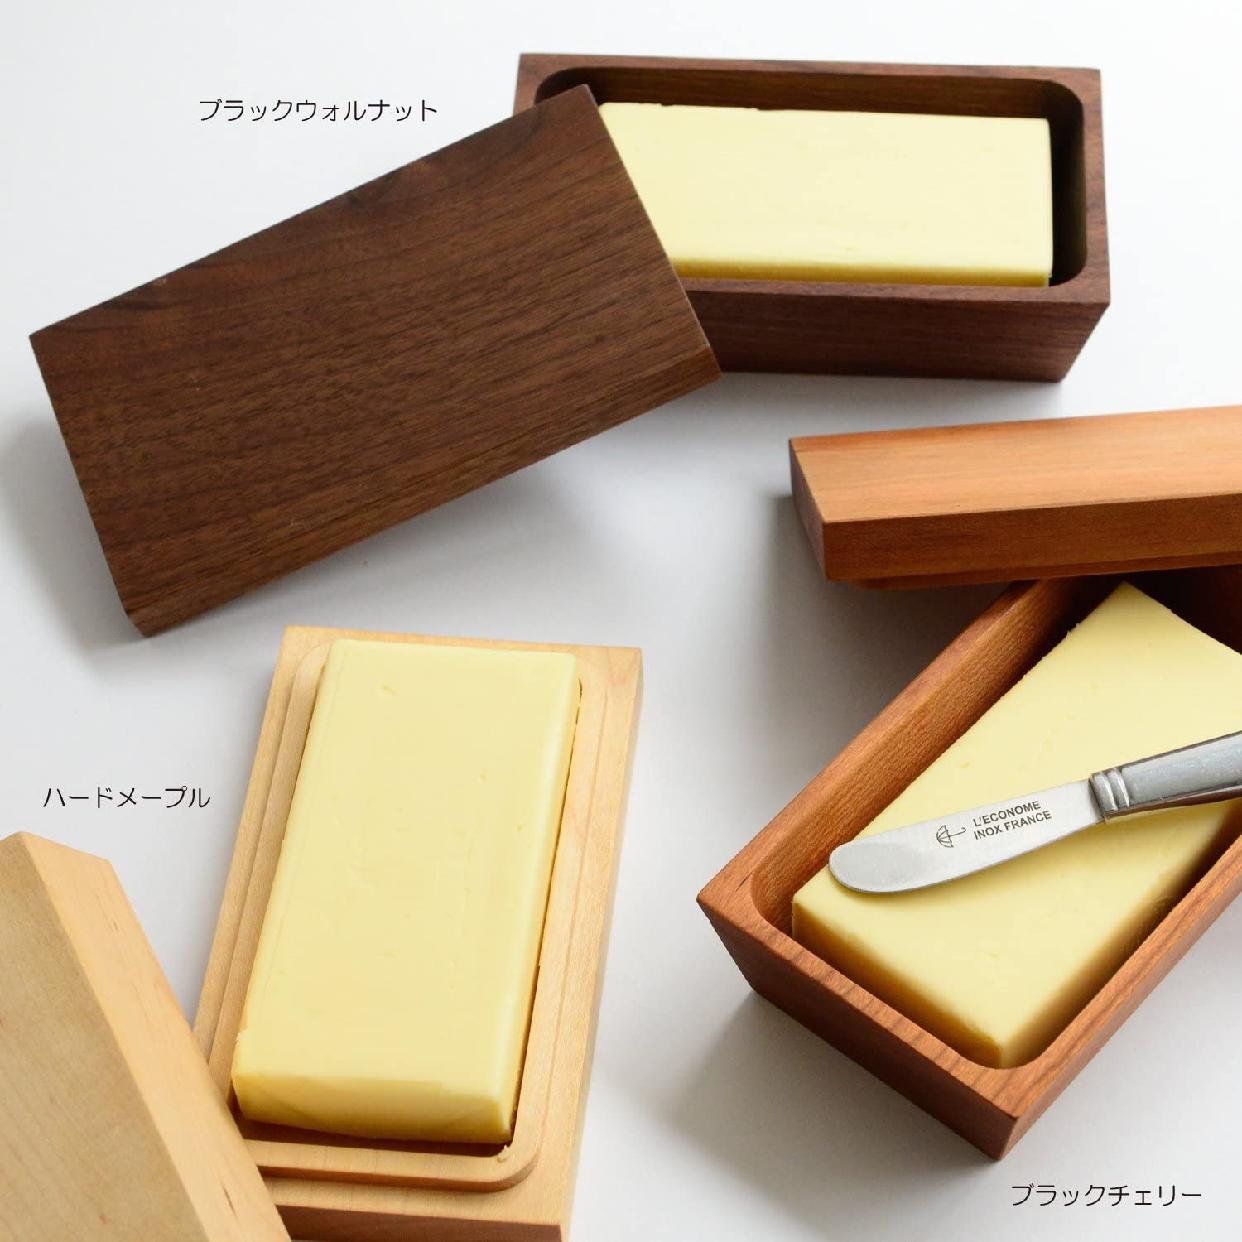 Das Holz(ダスホルツ)バターケースの商品画像6